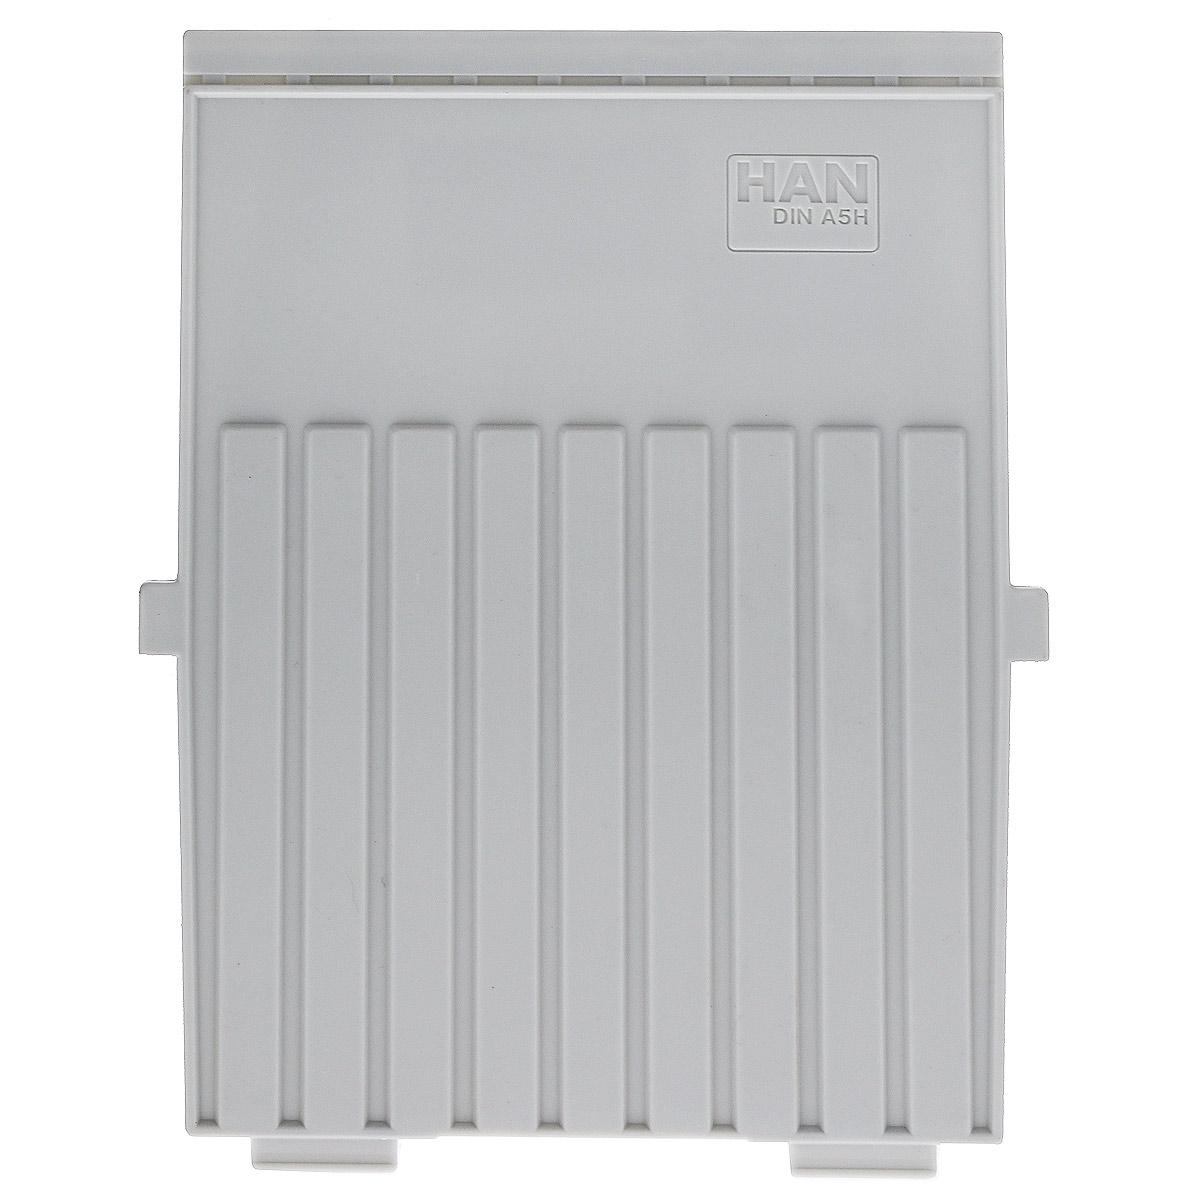 Разделитель для вертикальной картотеки Han, цвет: серый. Формат А52715Разделитель для картотеки Han изготовлен из пластика серого цвета. Предназначен для вертикальных картотек HAN. Имеется специальное поле для установки индексного окна (сверху).